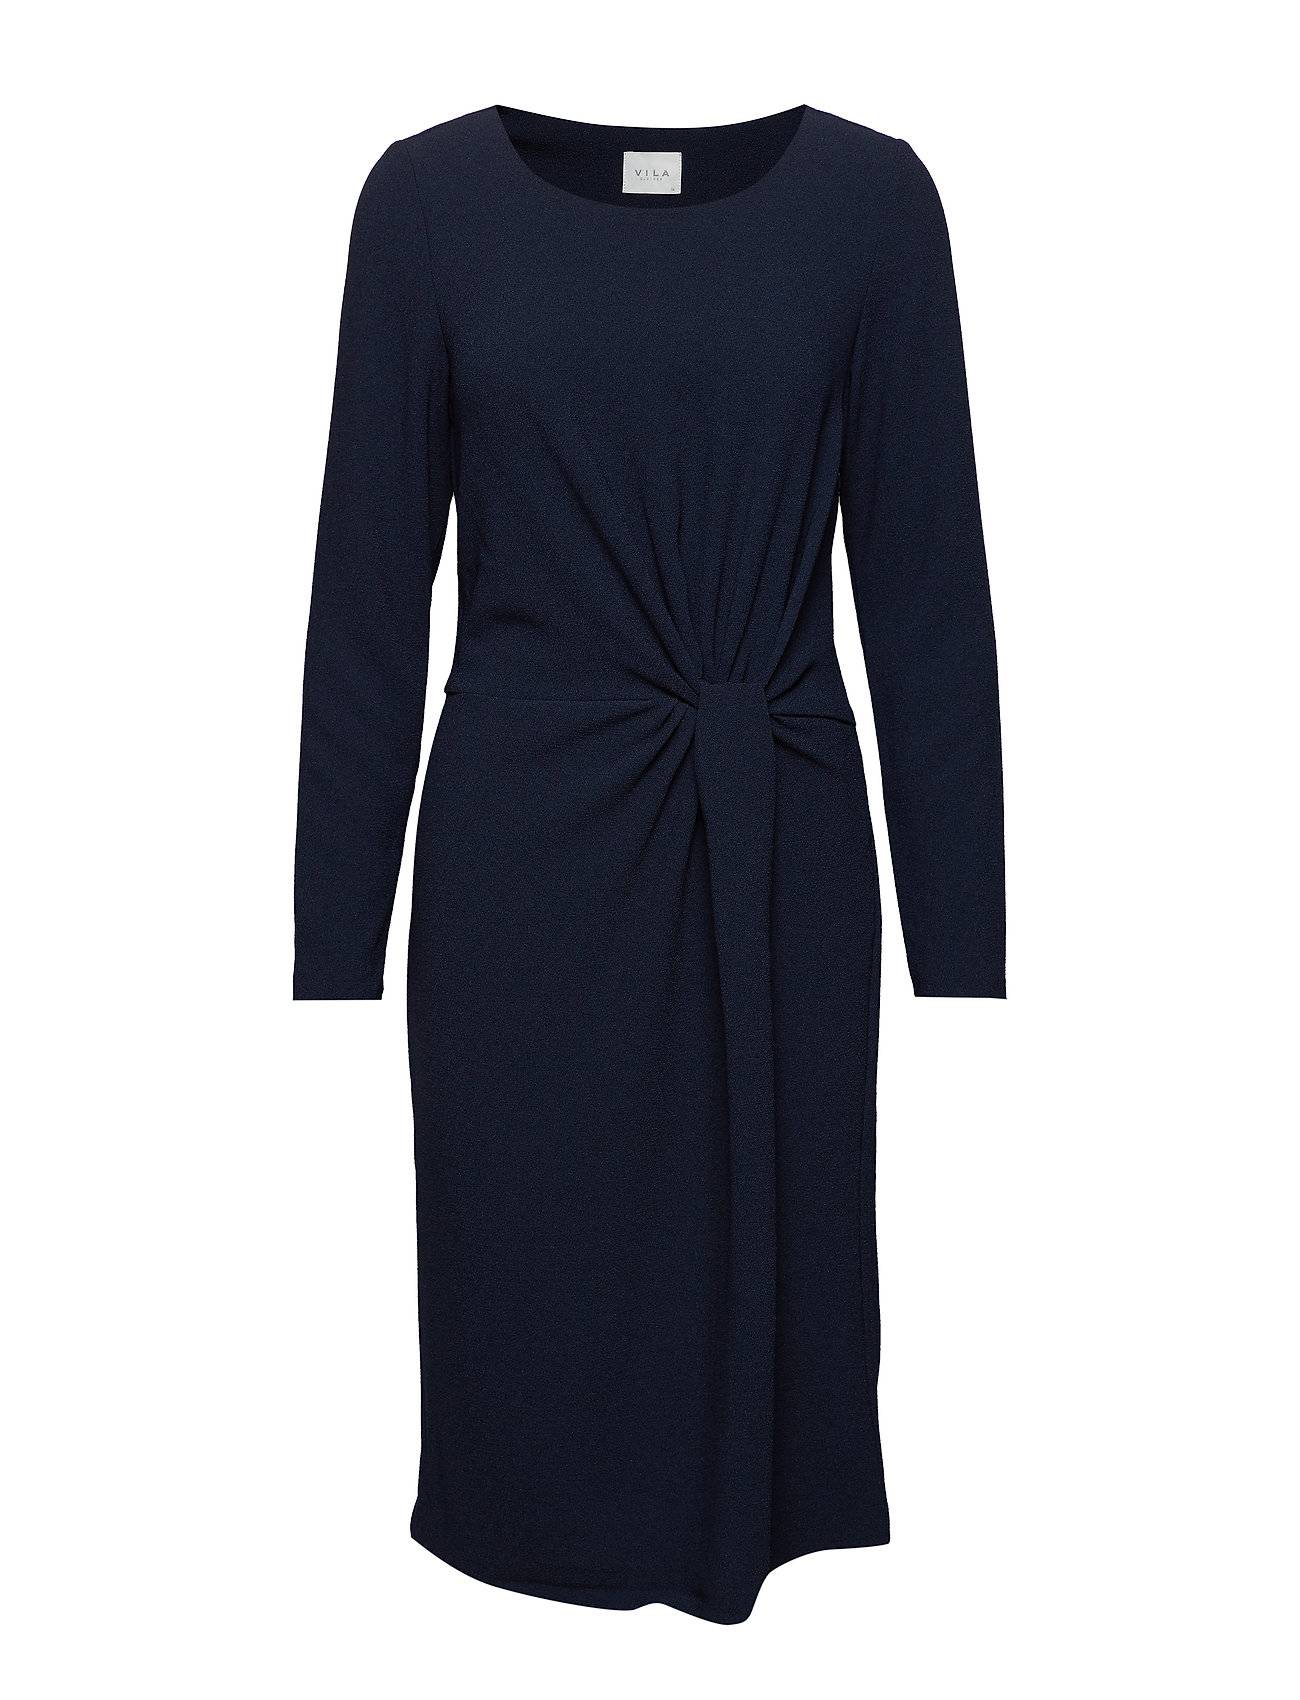 Image of VILA Visealo L/S Knot Dress Polvipituinen Mekko Sininen VILA